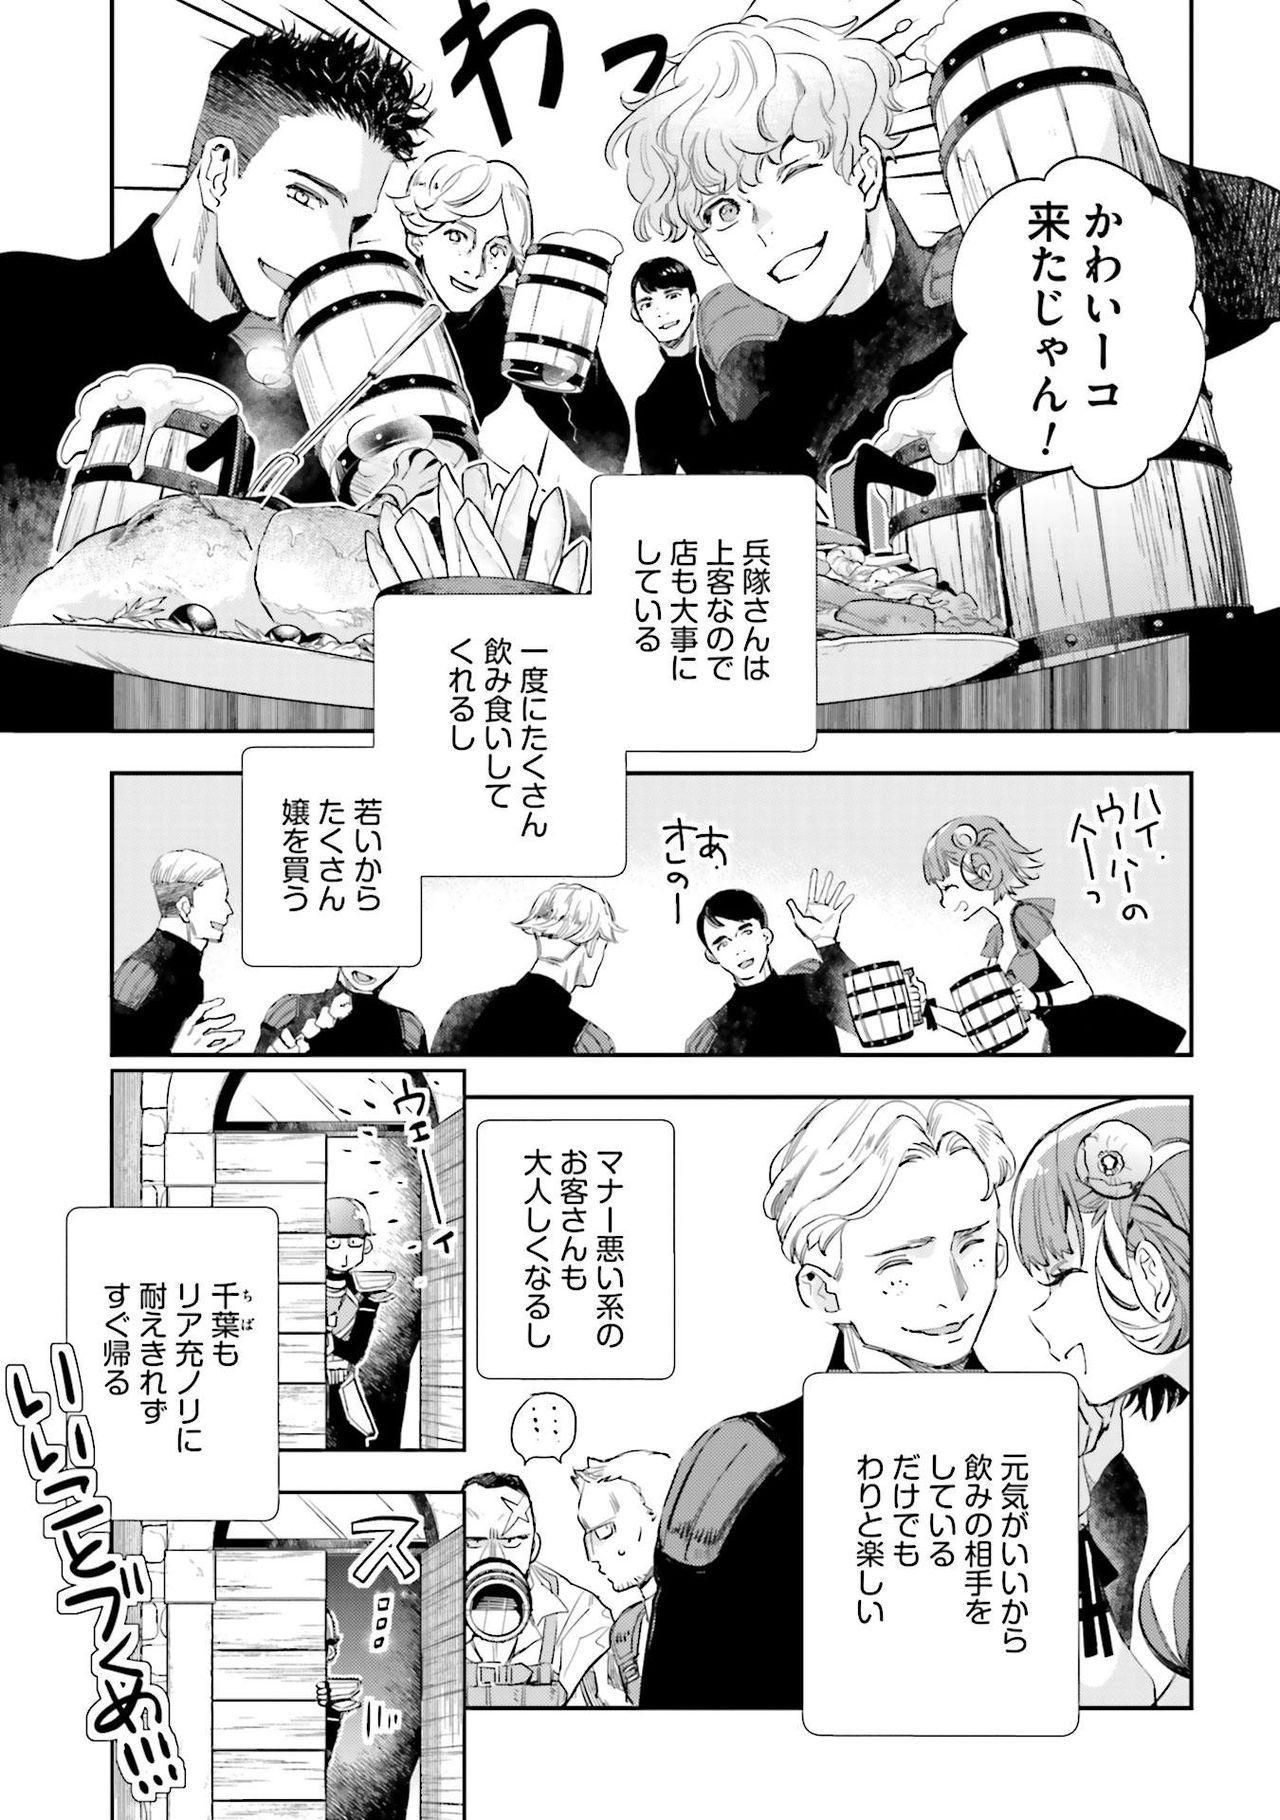 JK Haru wa Isekai de Shoufu ni Natta 1-14 474